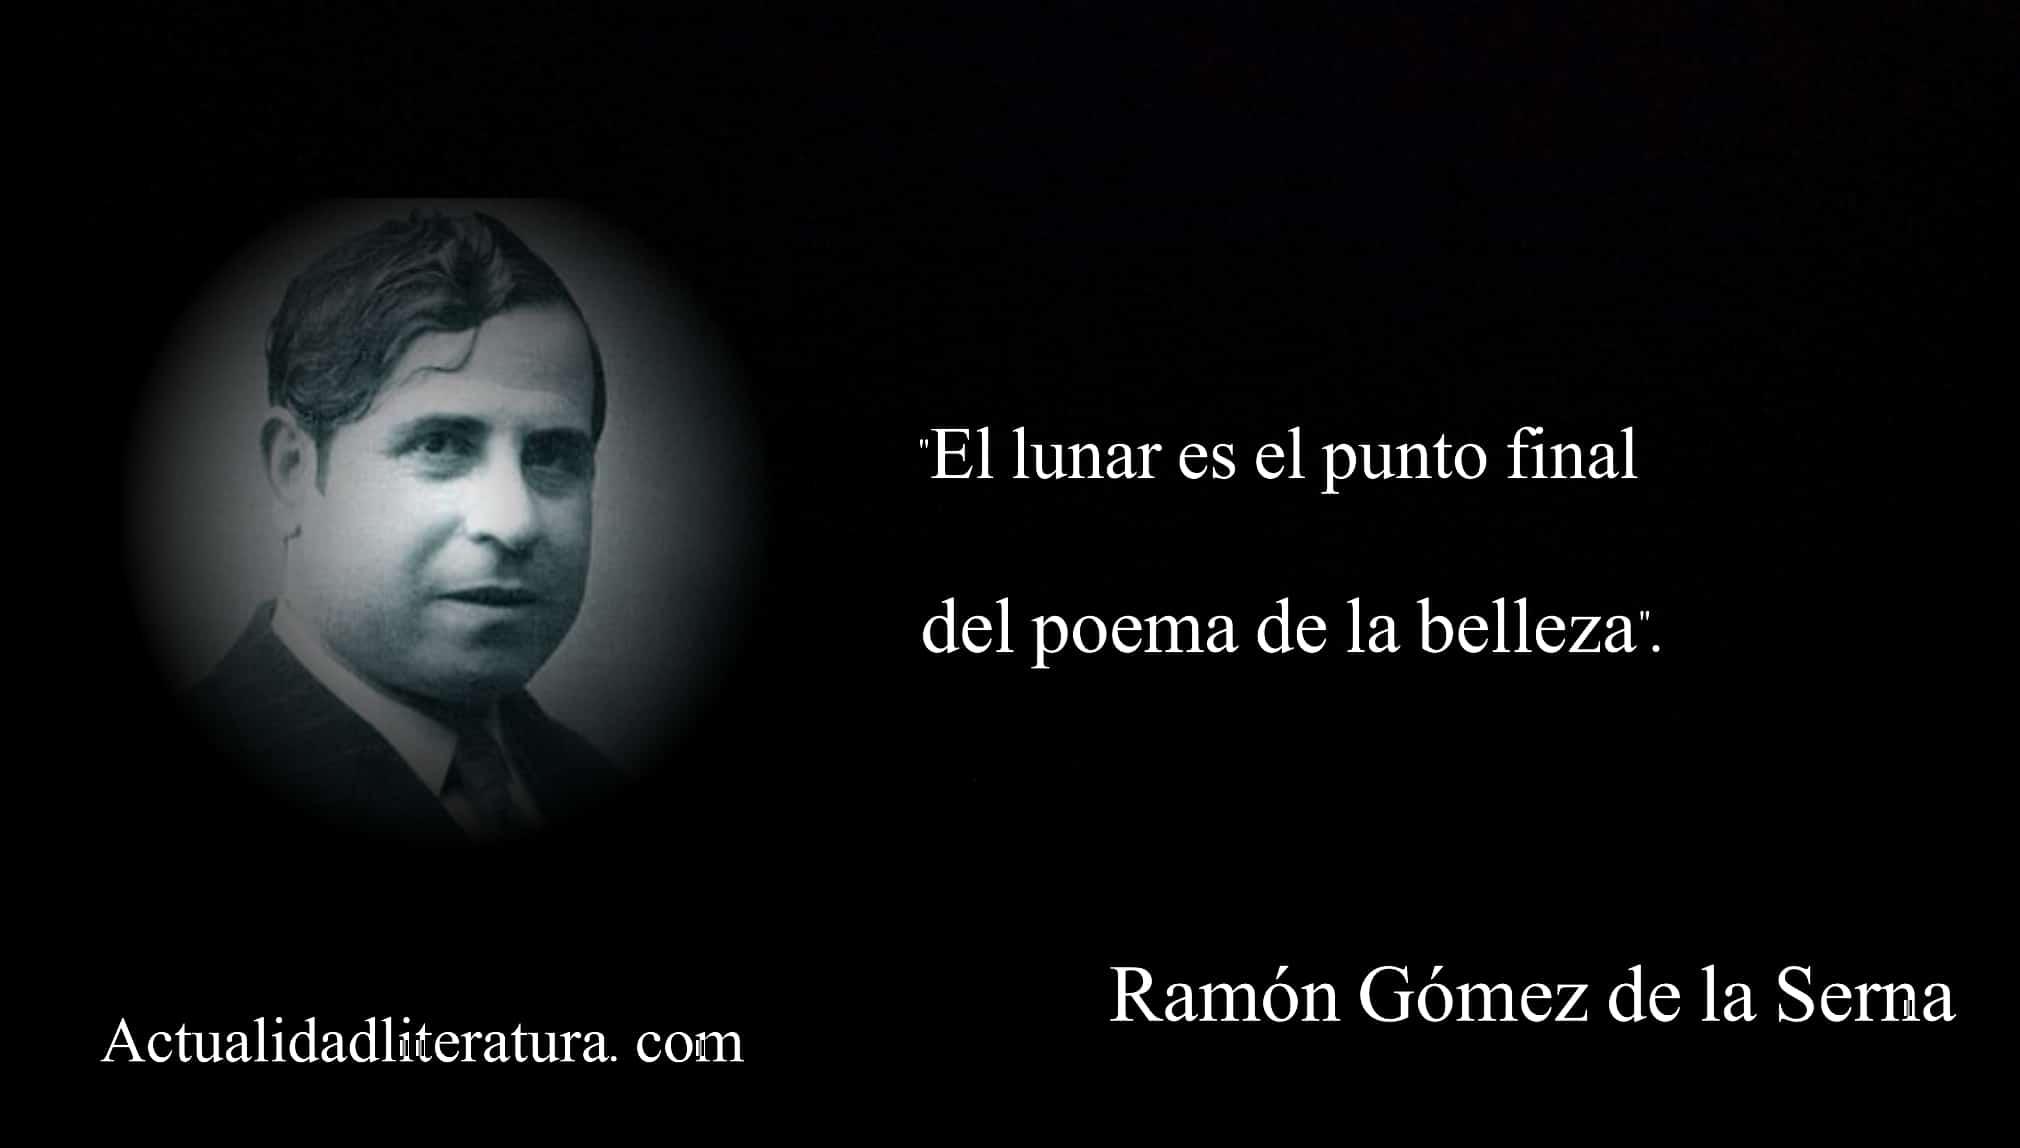 Frase de Ramón Gómez de la Serna